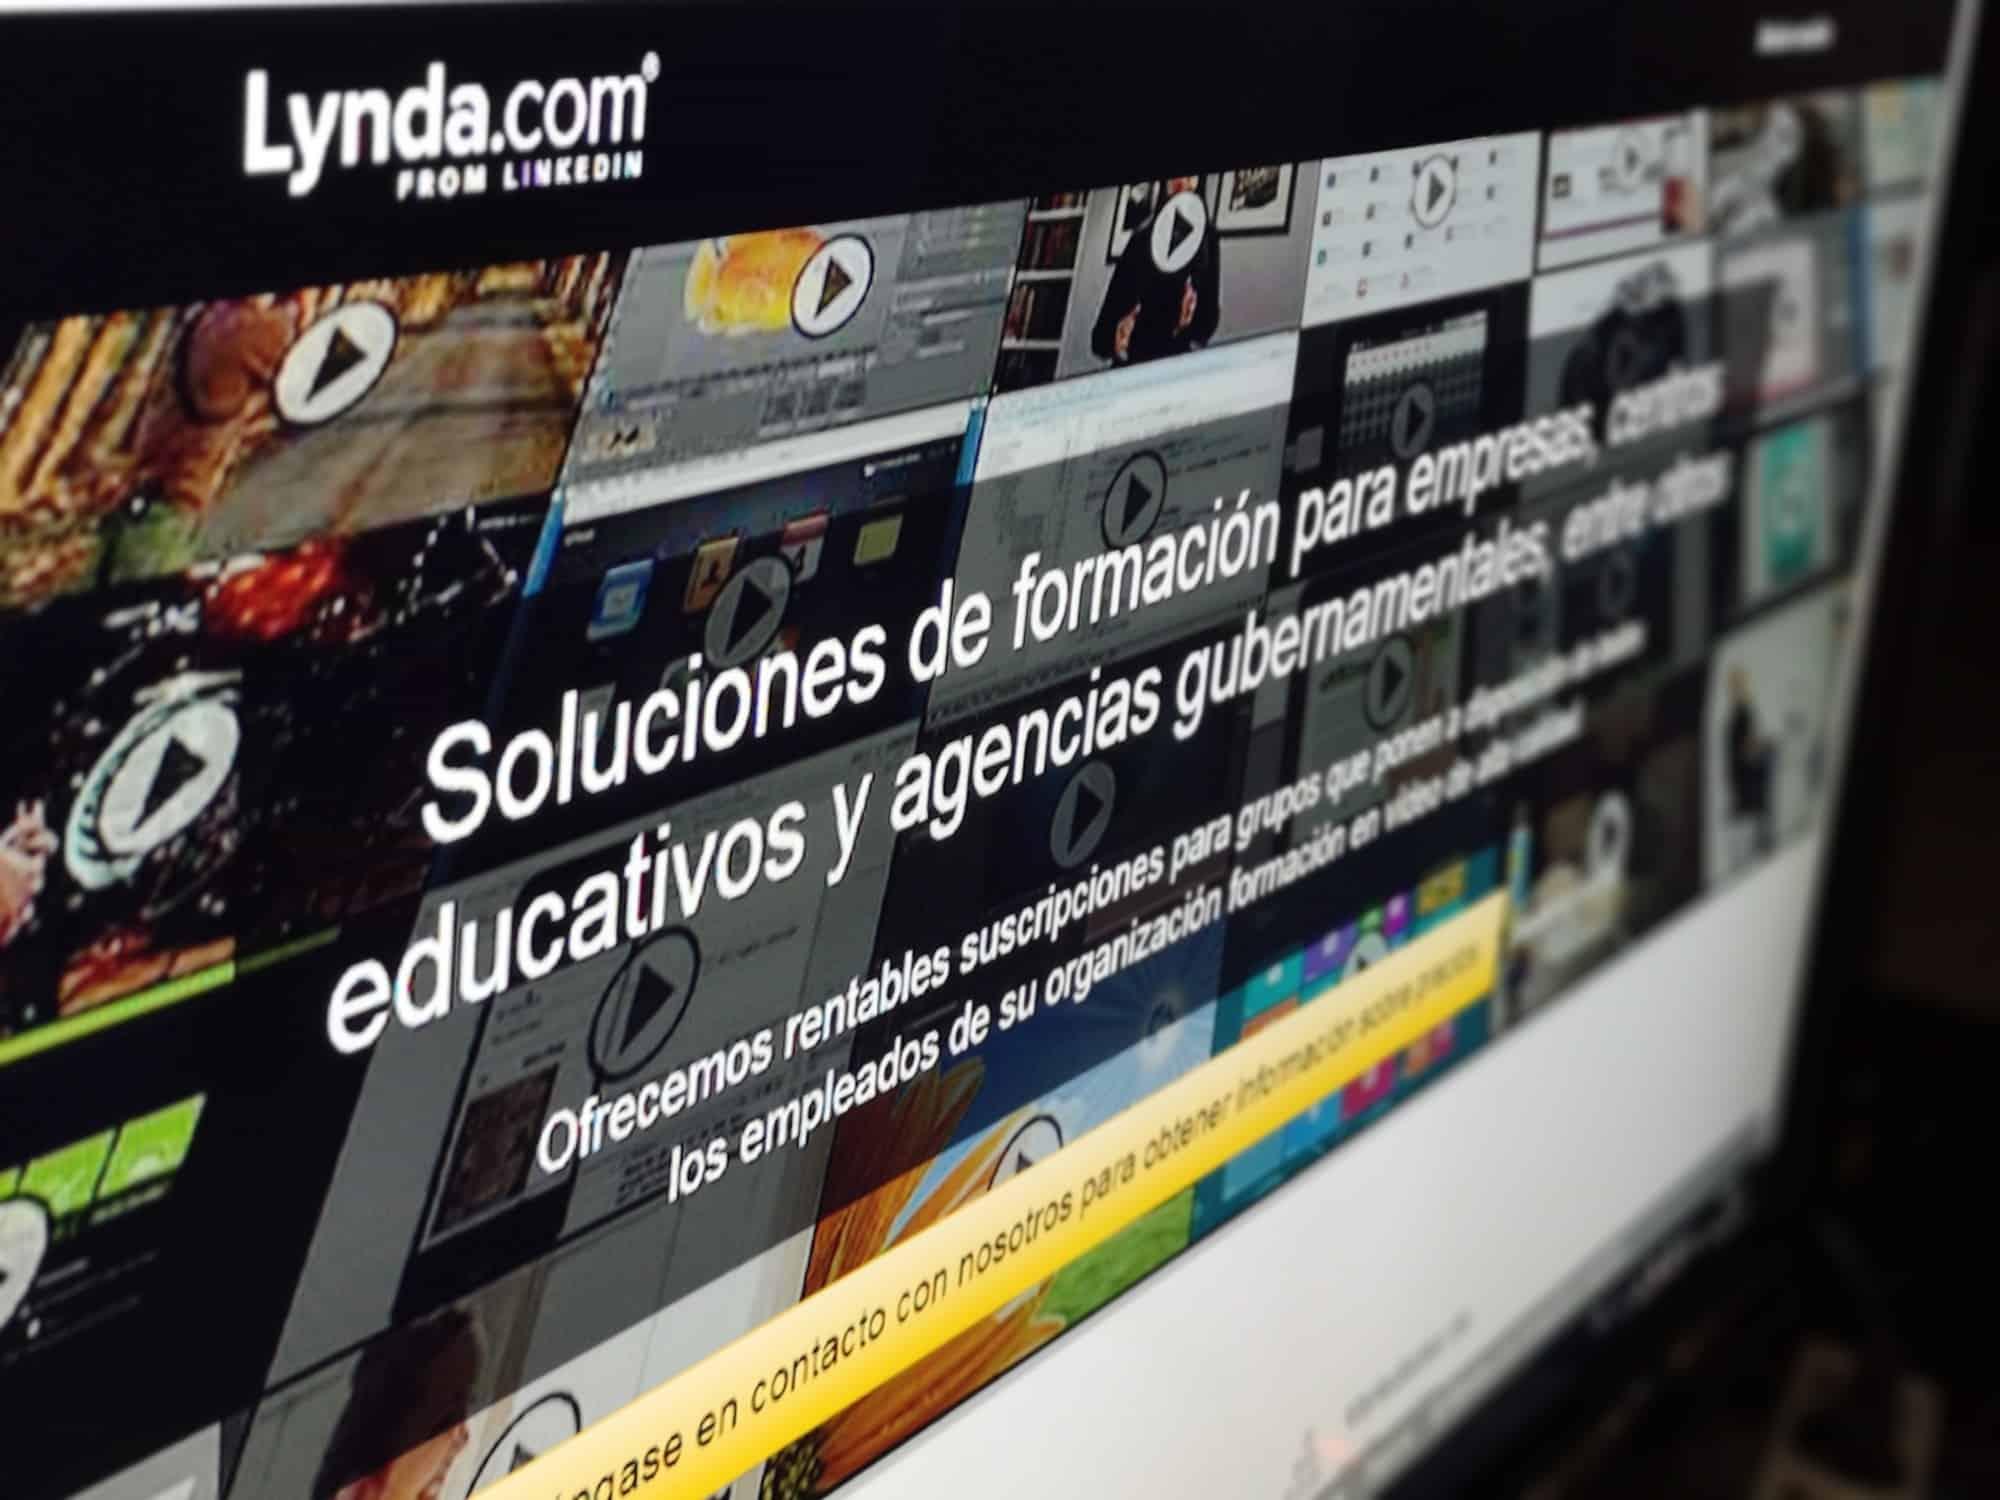 Portada de Lynda